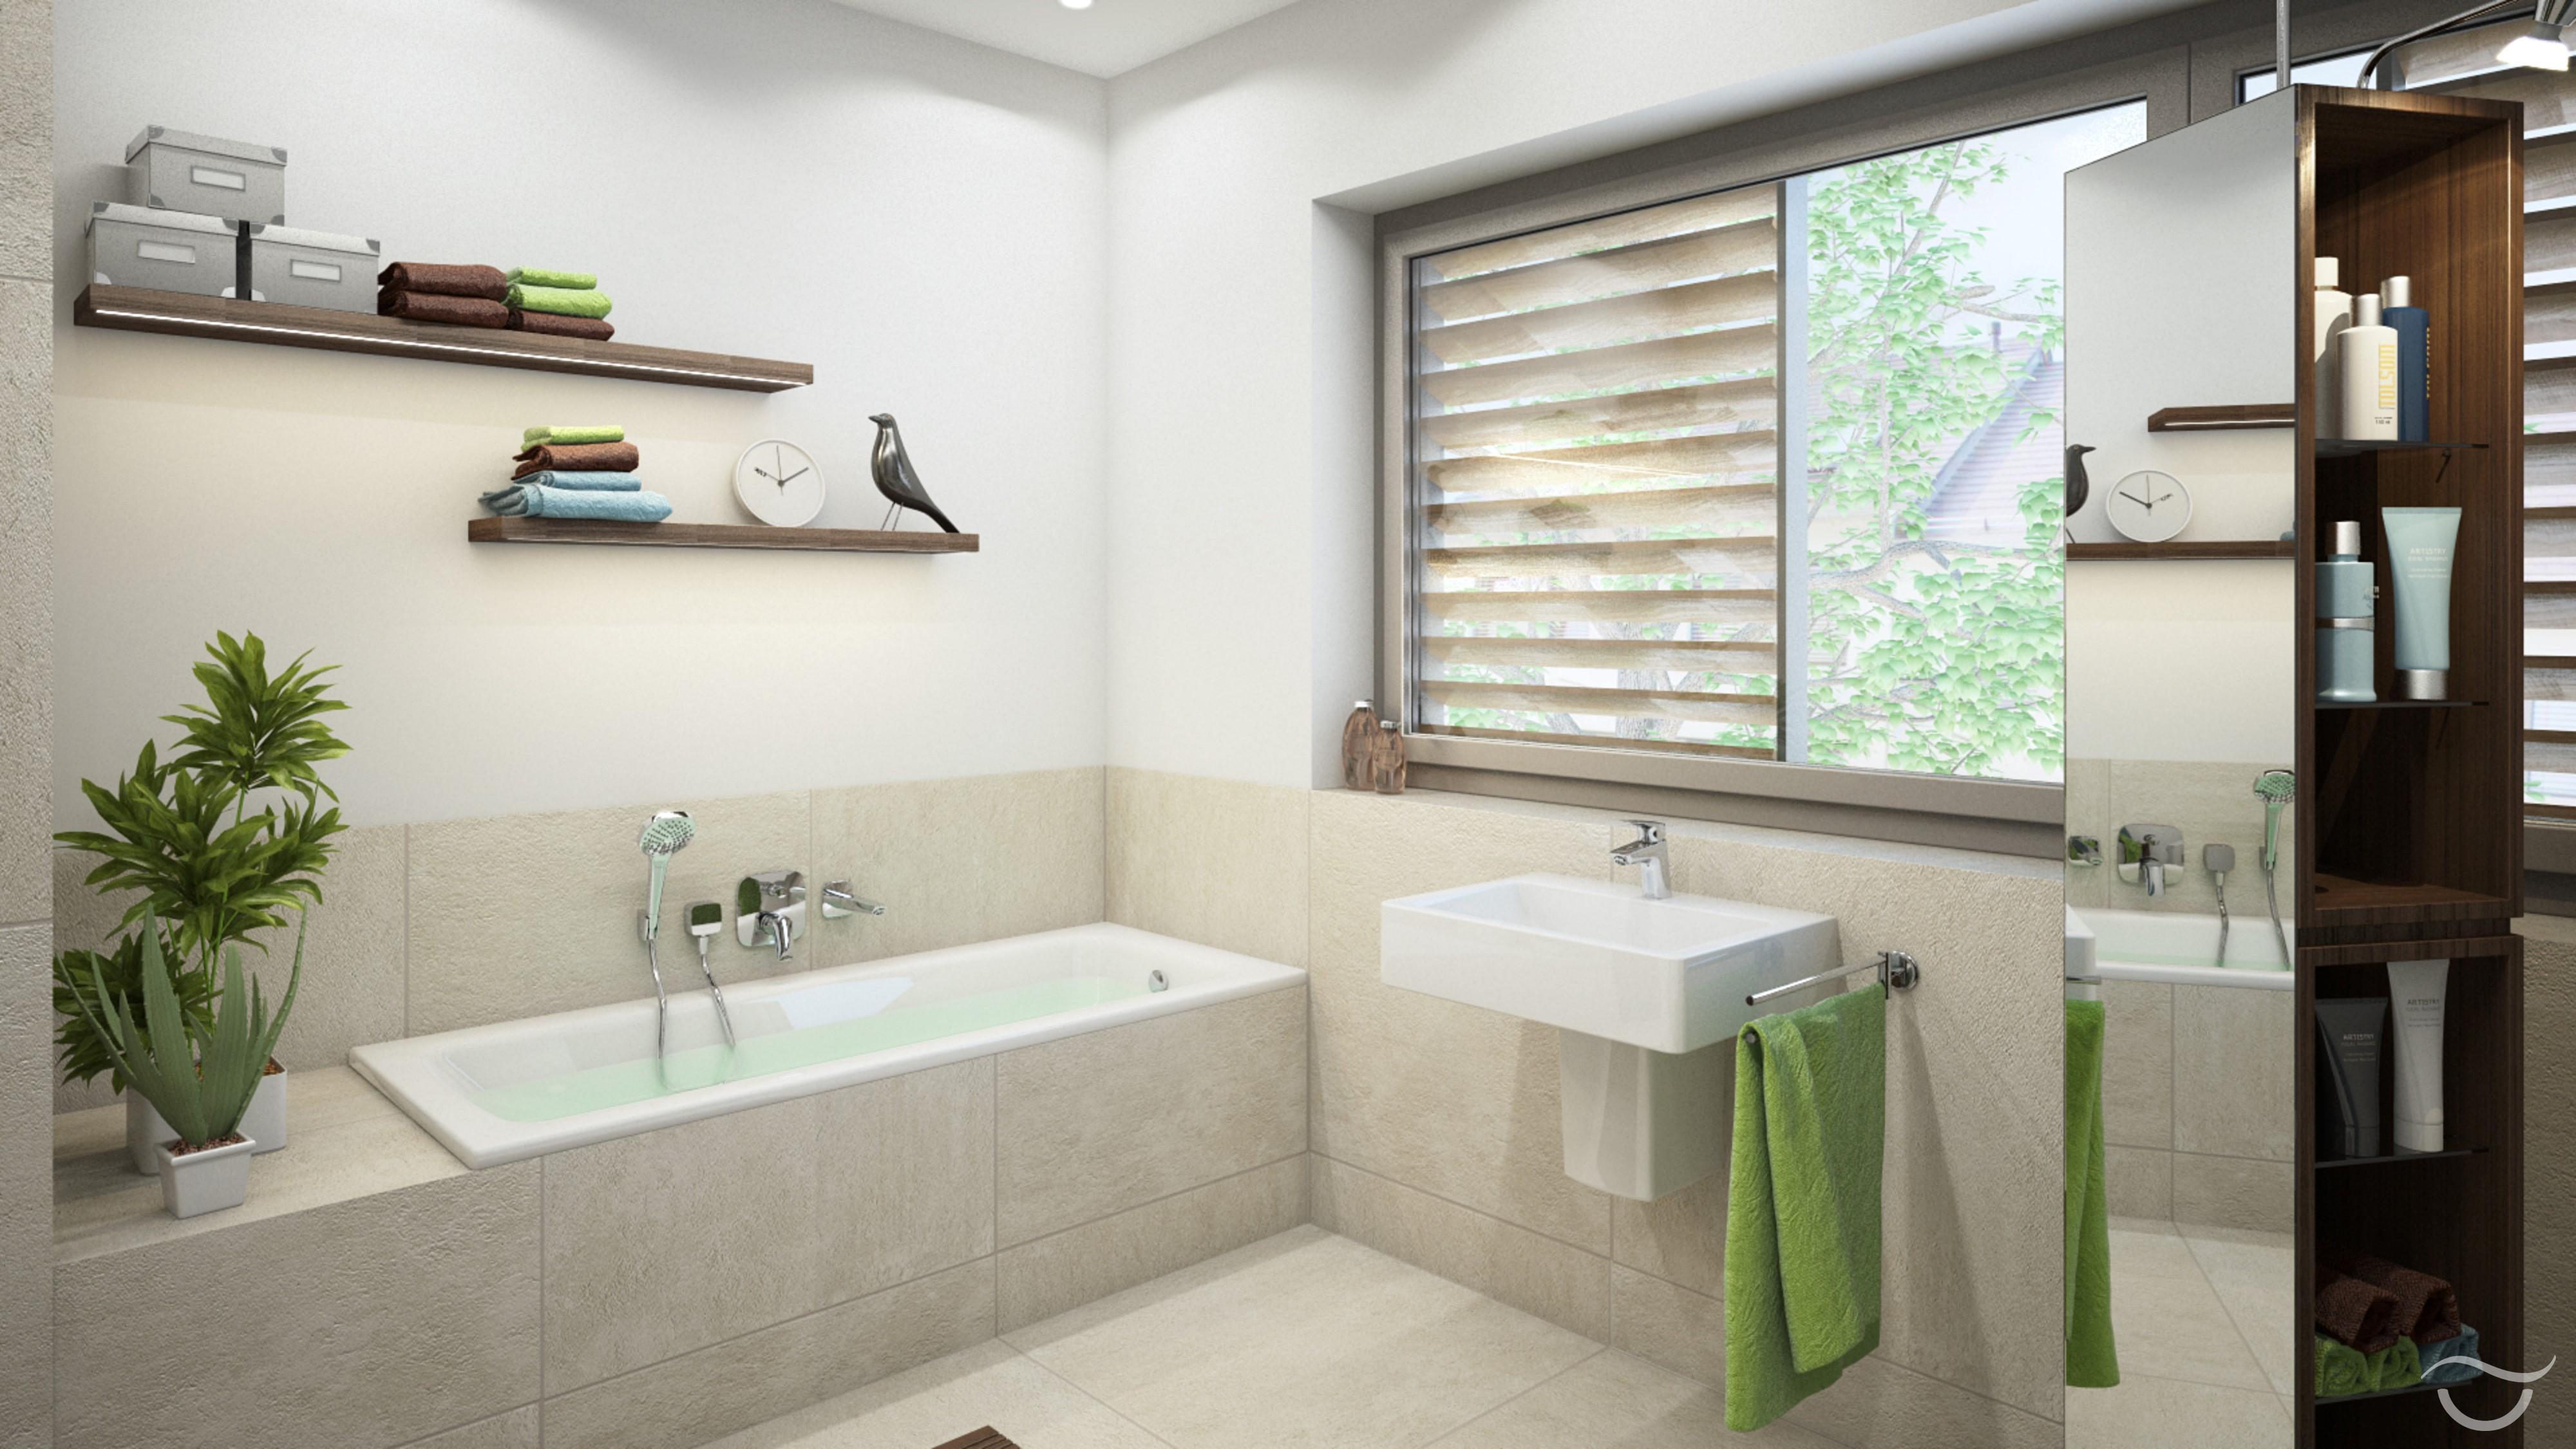 Fesselnd Ein Badezimmer Für Naturfreunde #naturstein #einbauschrank ©Banovo GmbH